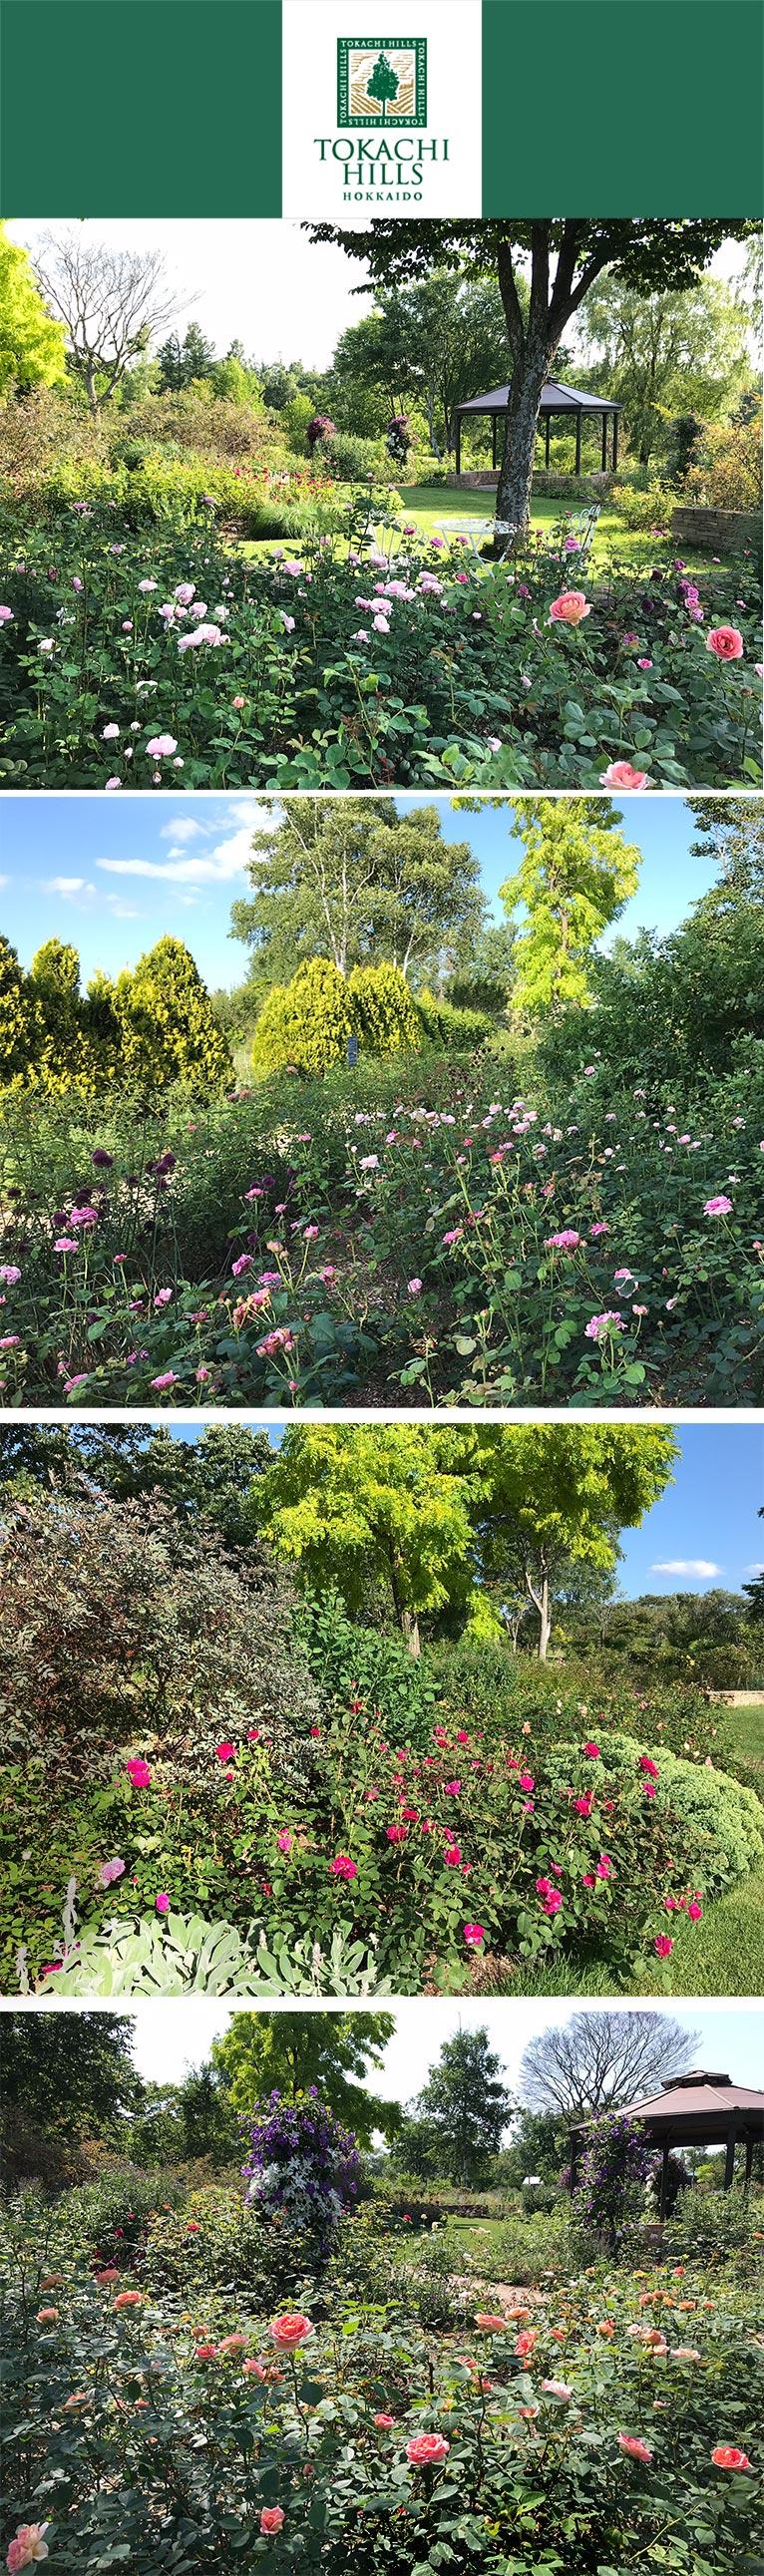 十勝ヒルズのバラが見頃を迎えています!